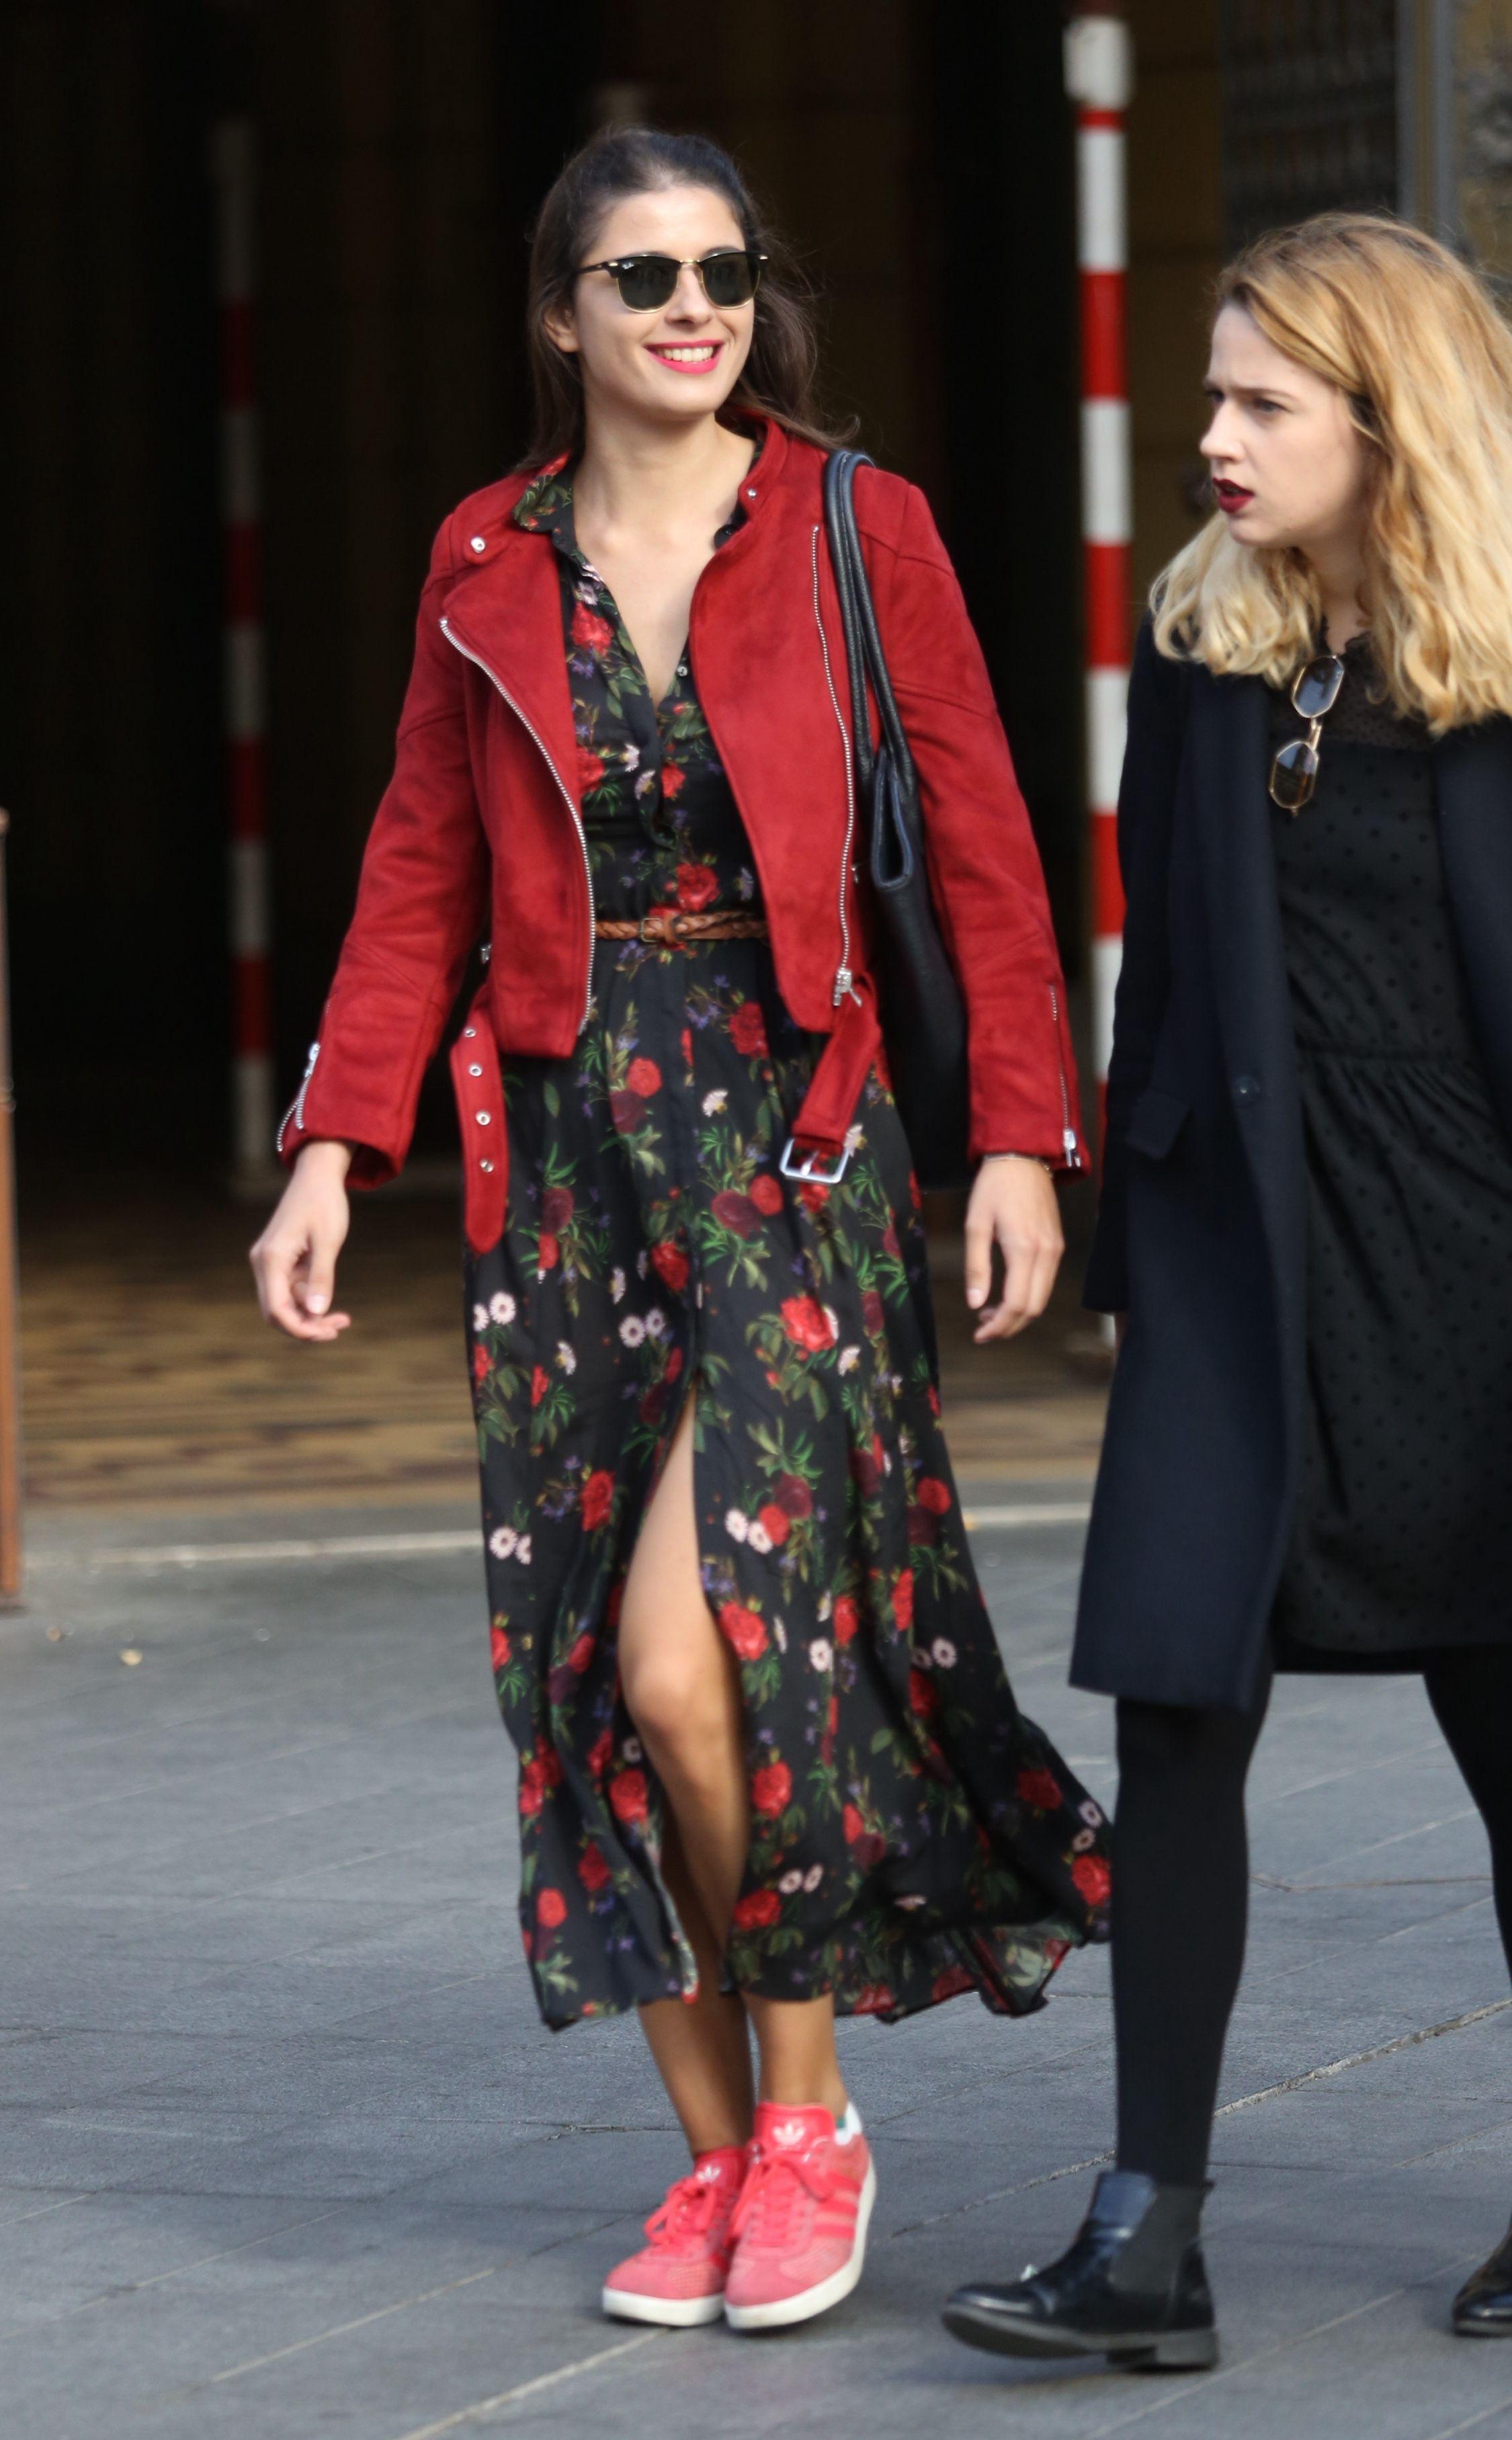 Zagrebački street style: Koja bolje nosi cvjetnu haljinu i kožnatu jaknu?